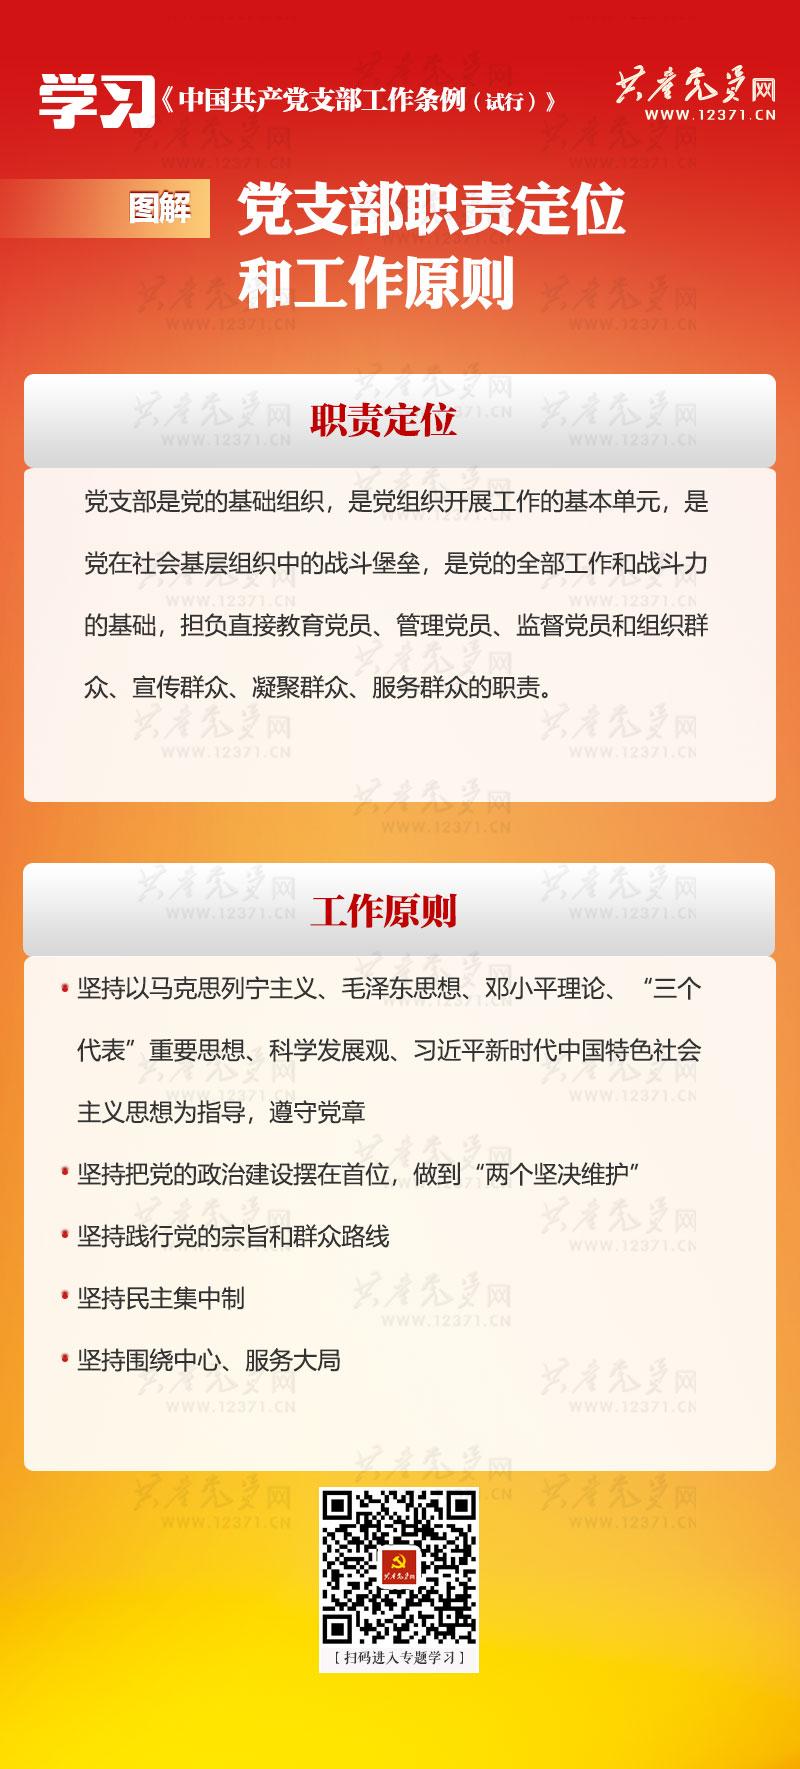 圖解黨支部職責定位和工作原則